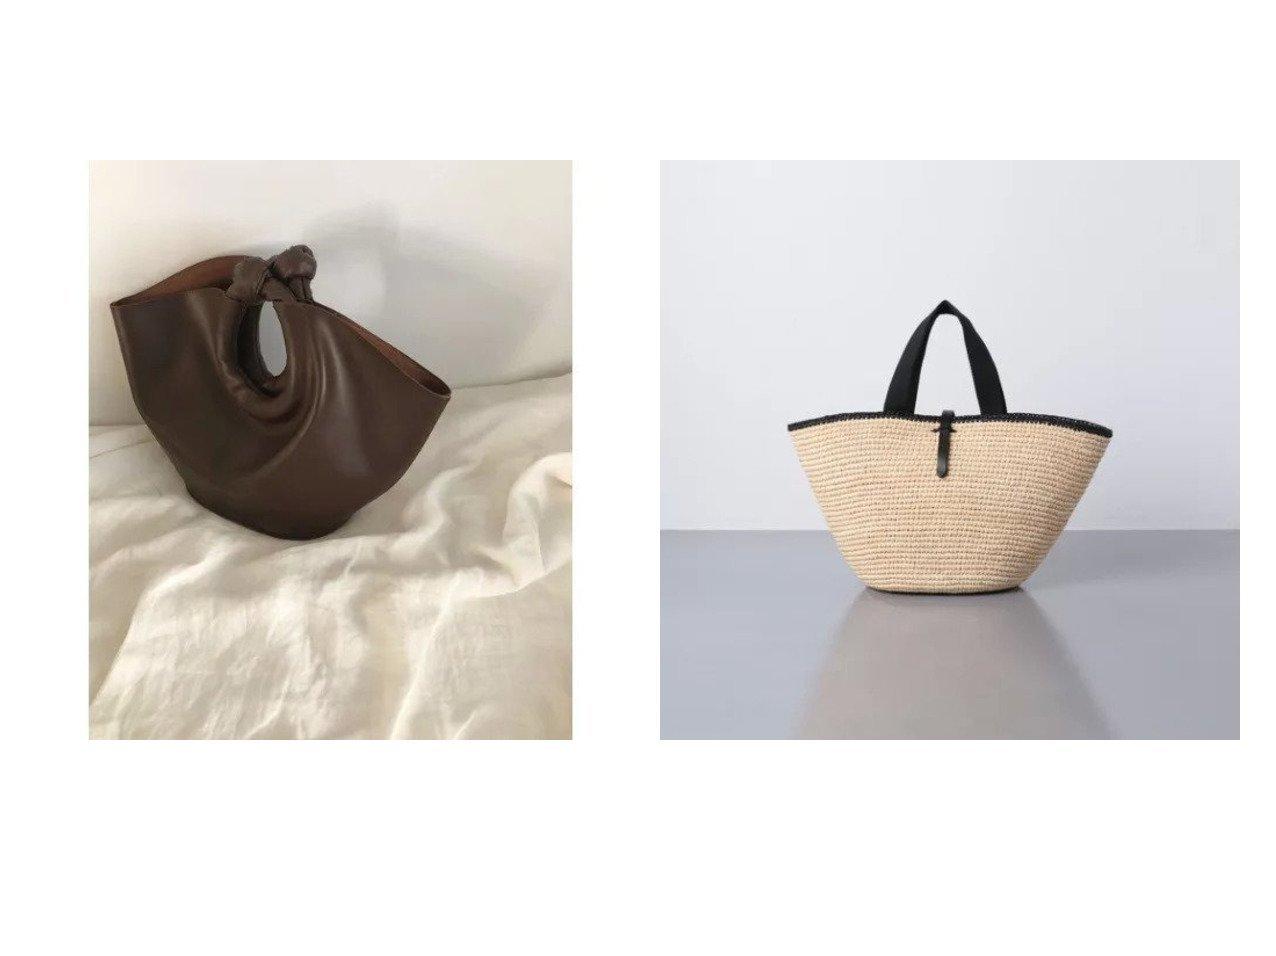 【UNITED ARROWS/ユナイテッドアローズ】のRAF CARLA GRAND バッグ&【marjour/マージュール】のKNOT HANDLE BAG 【バッグ・鞄】おすすめ!人気、トレンド・レディースファッションの通販 おすすめで人気の流行・トレンド、ファッションの通販商品 インテリア・家具・メンズファッション・キッズファッション・レディースファッション・服の通販 founy(ファニー) https://founy.com/ ファッション Fashion レディースファッション WOMEN バッグ Bag なめらか クラッチ タンブラー ハンドバッグ ポーチ アクセサリー インド サンダル 人気 ハンド フランス  ID:crp329100000047565